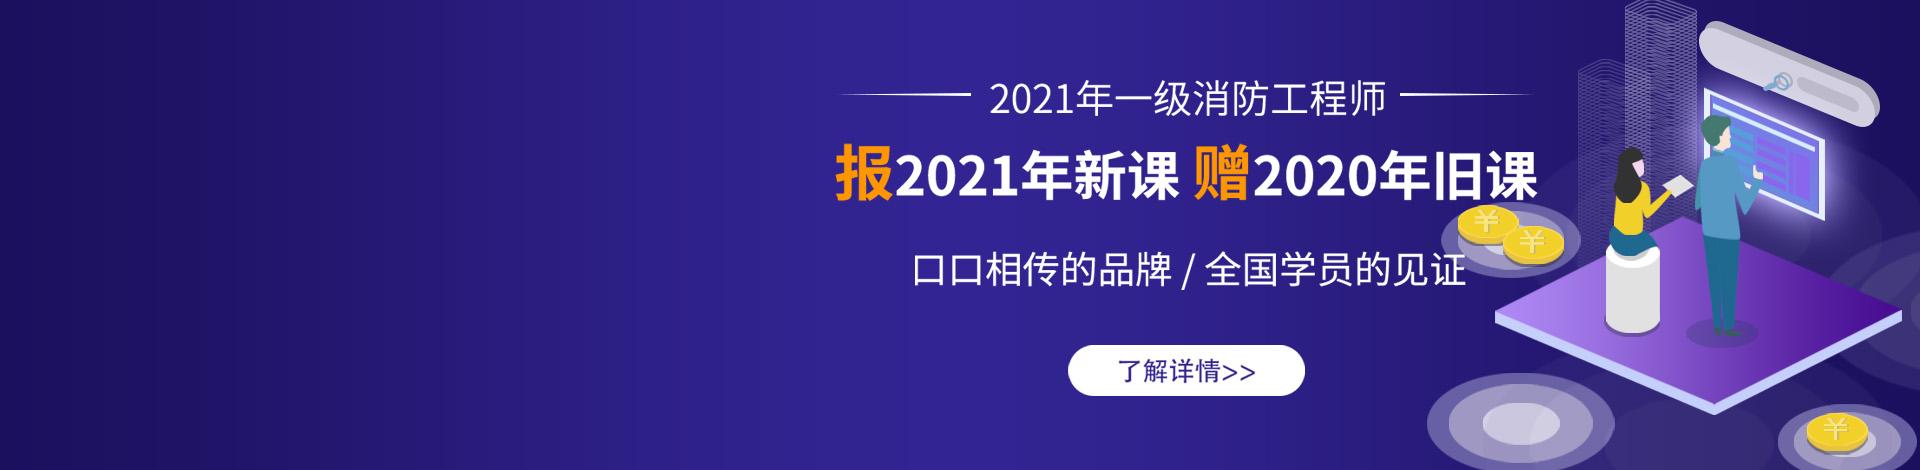 2021年宁夏一级消防工程师初期阶段备考工作?